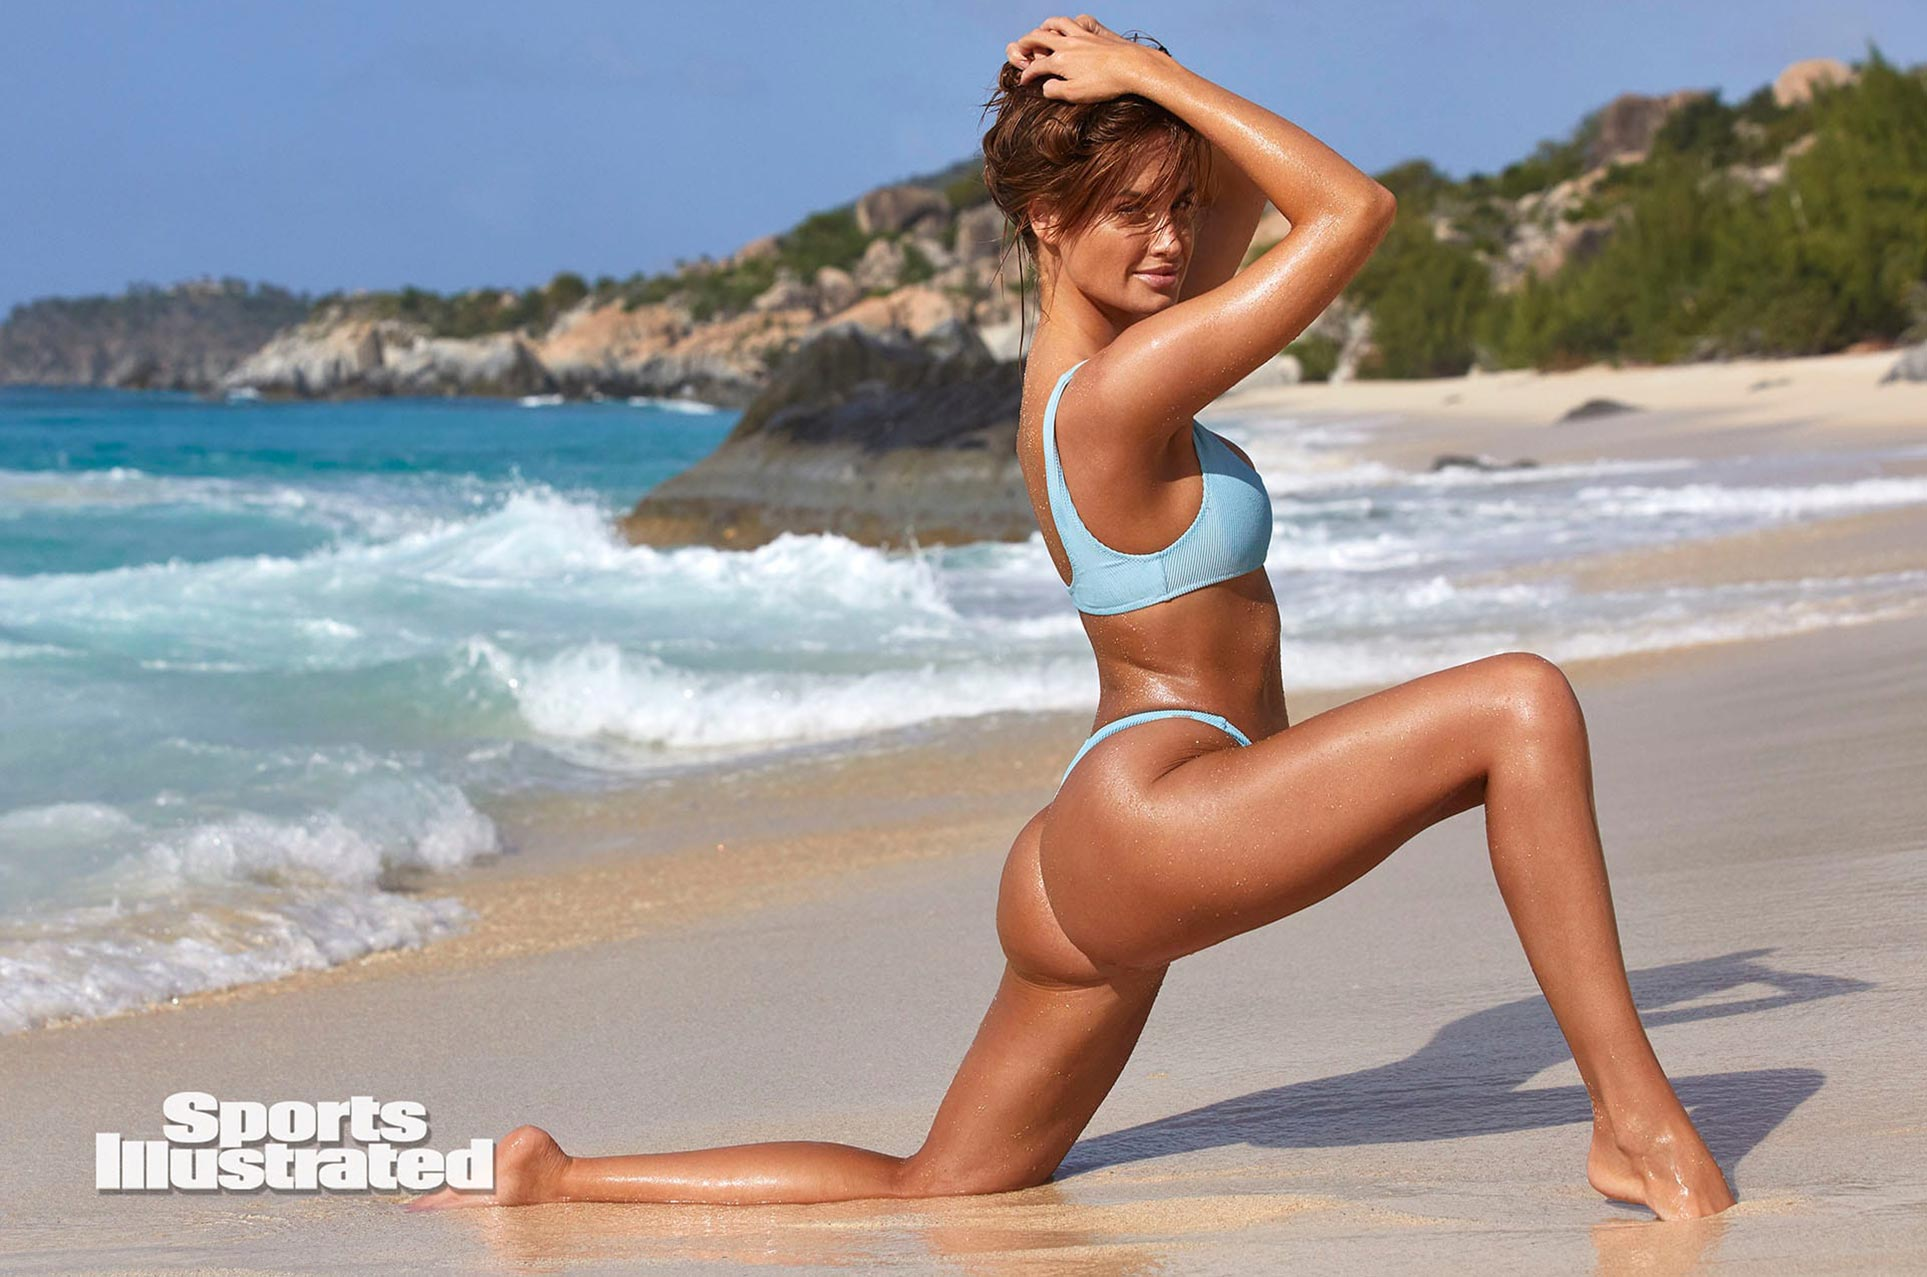 Хейли Калил в каталоге купальников Sports Illustrated Swimsuit 2020 / фото 31